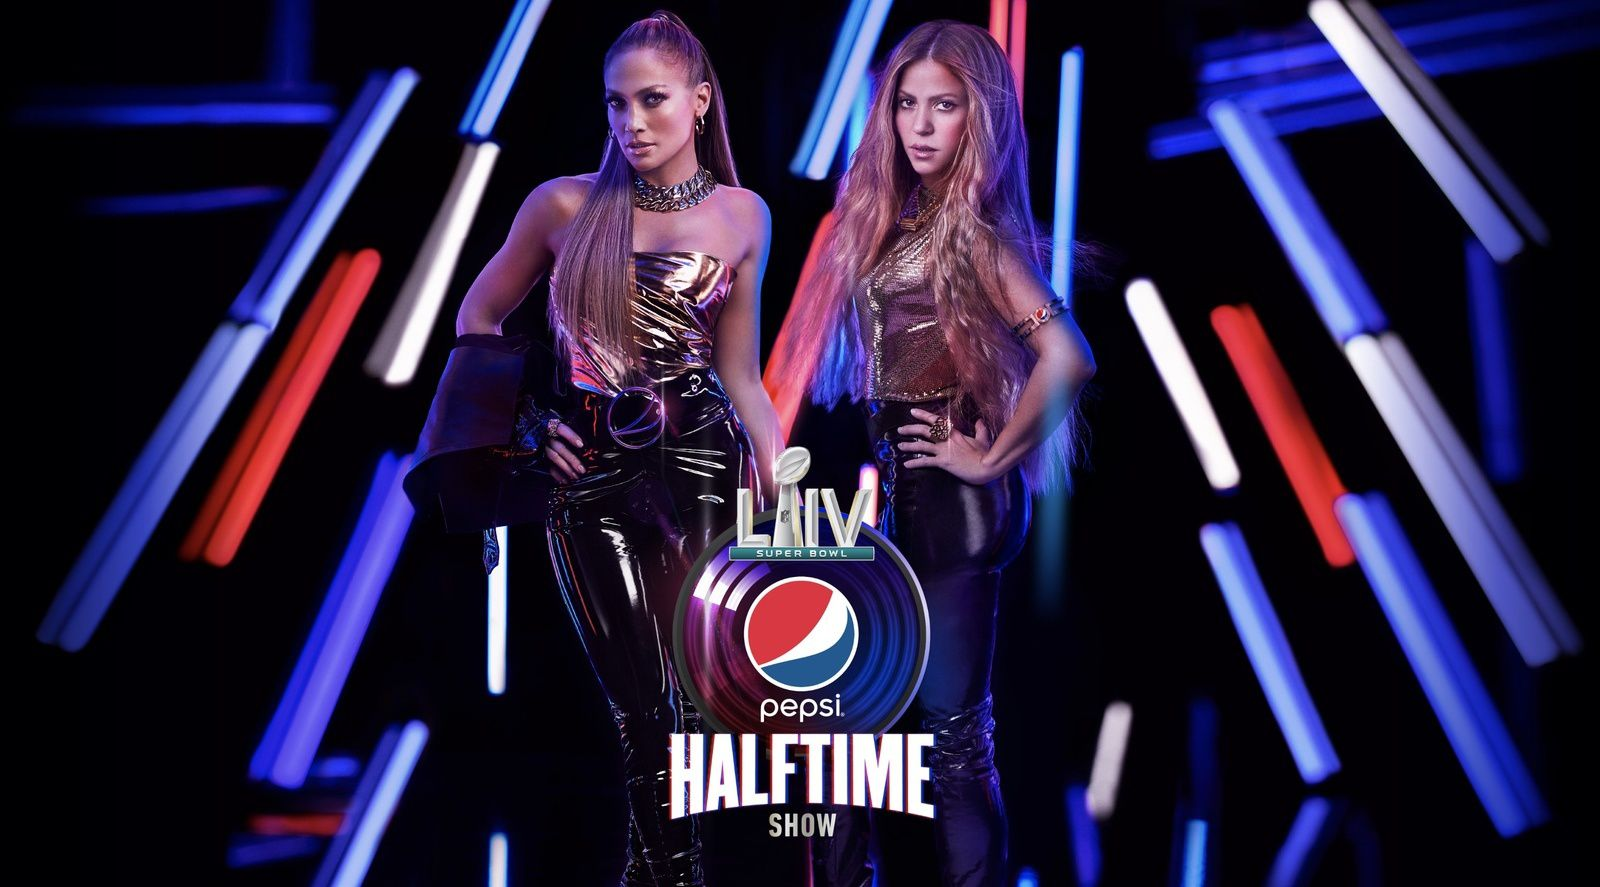 Super Bowl dans la nuit de dimanche à lundi sur TF1. Jennifer Lopez et Shakira assureront le show musical.